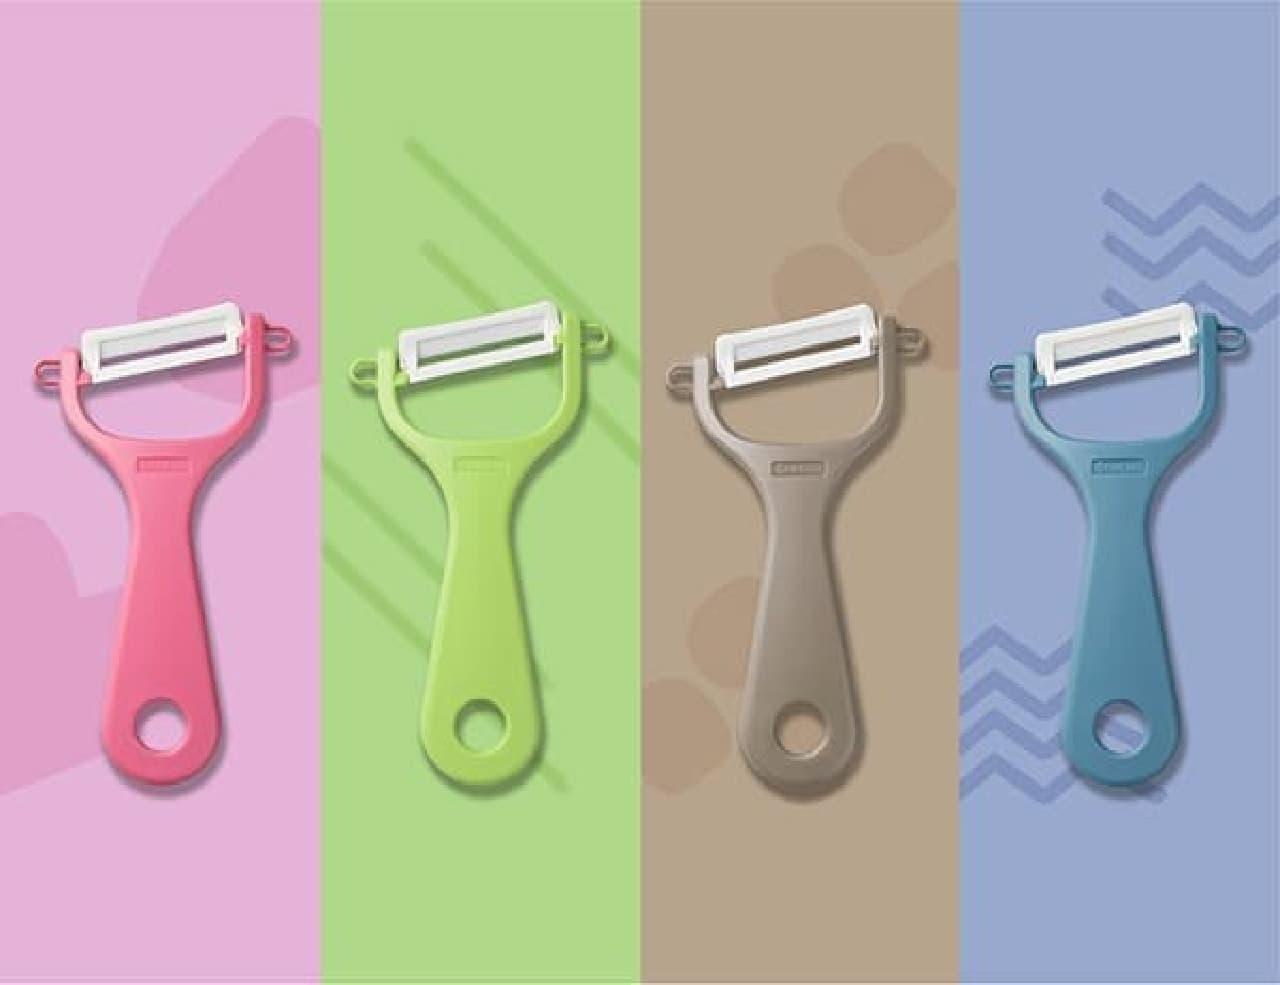 華やかなカラー♪ 京セラのピーラー&スライサー新商品 -- ナチュラルグリーン・ラテベージュなど